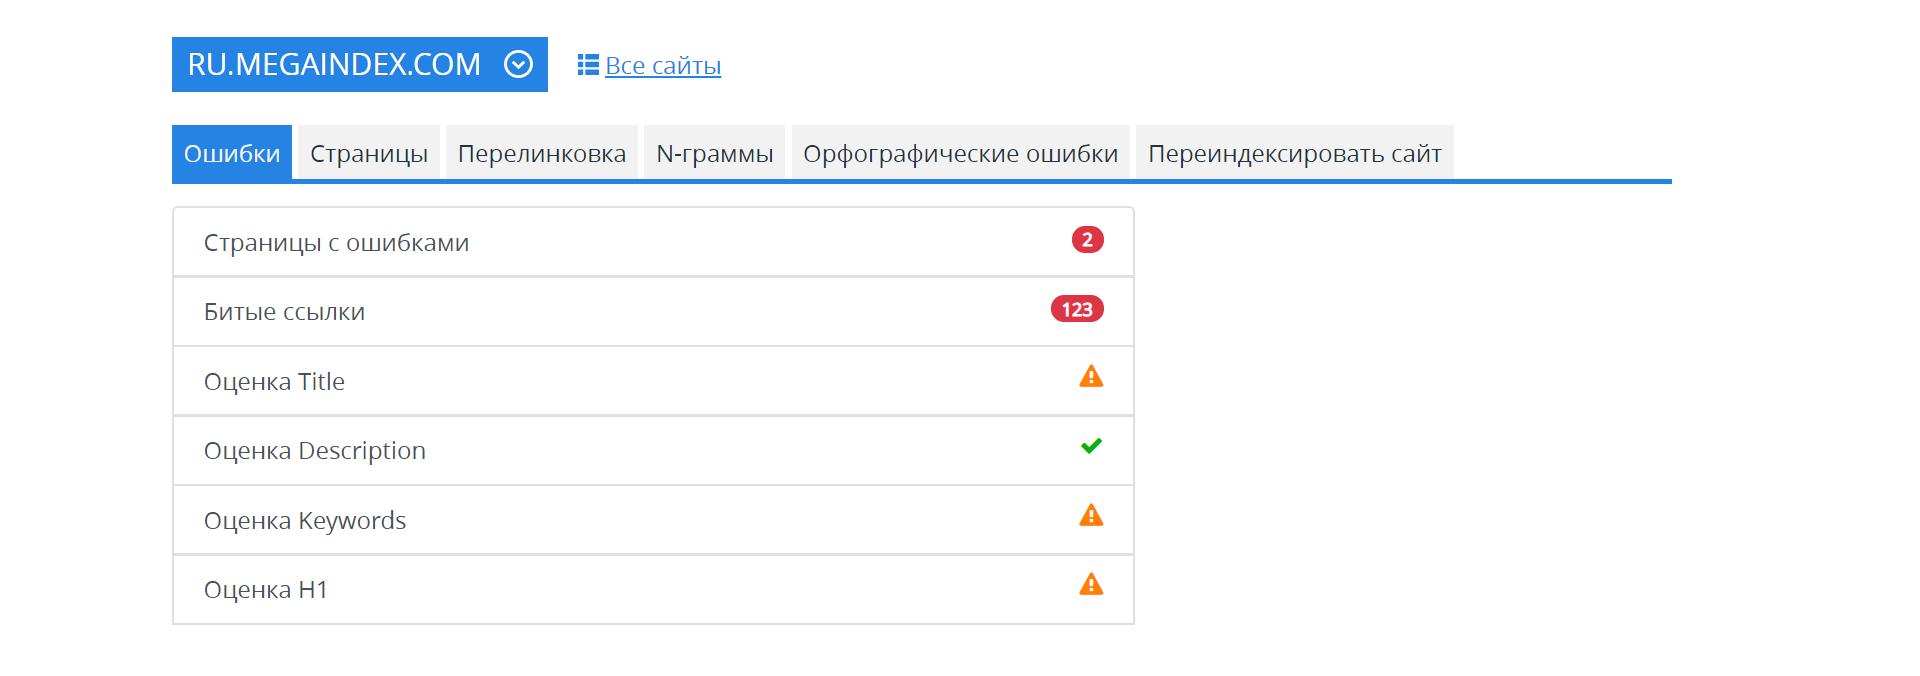 Семантическая разметка сайта в SEO аудит сайта